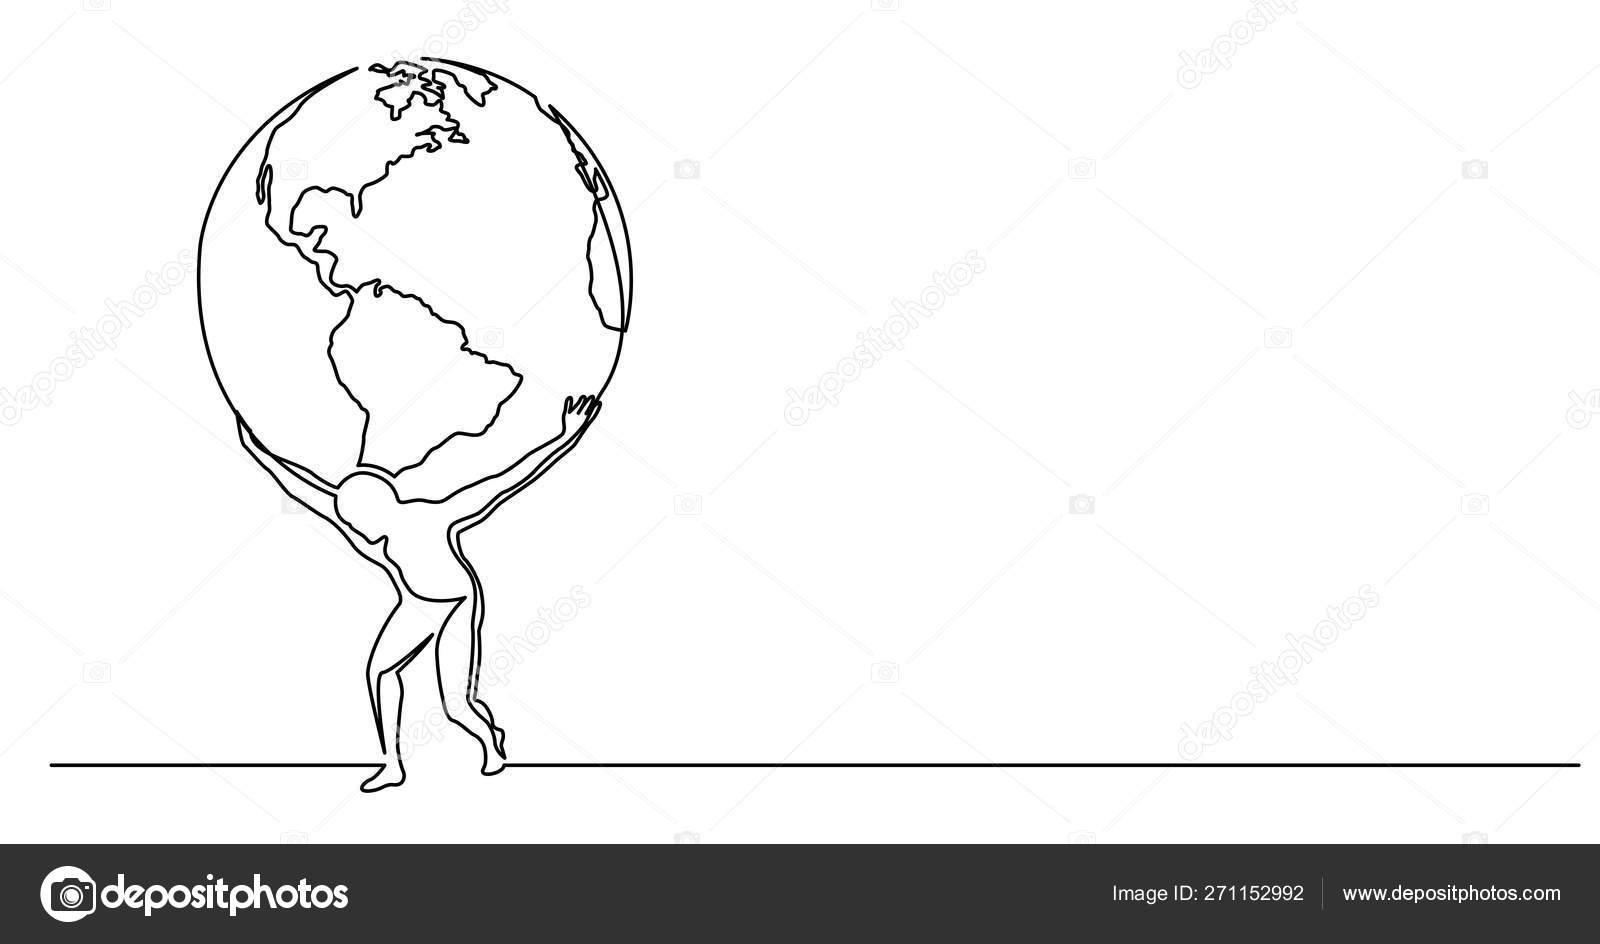 Dessin En Ligne Continue De L'homme Tenant Le Monde Sur Ses concernant Dessin Mappemonde